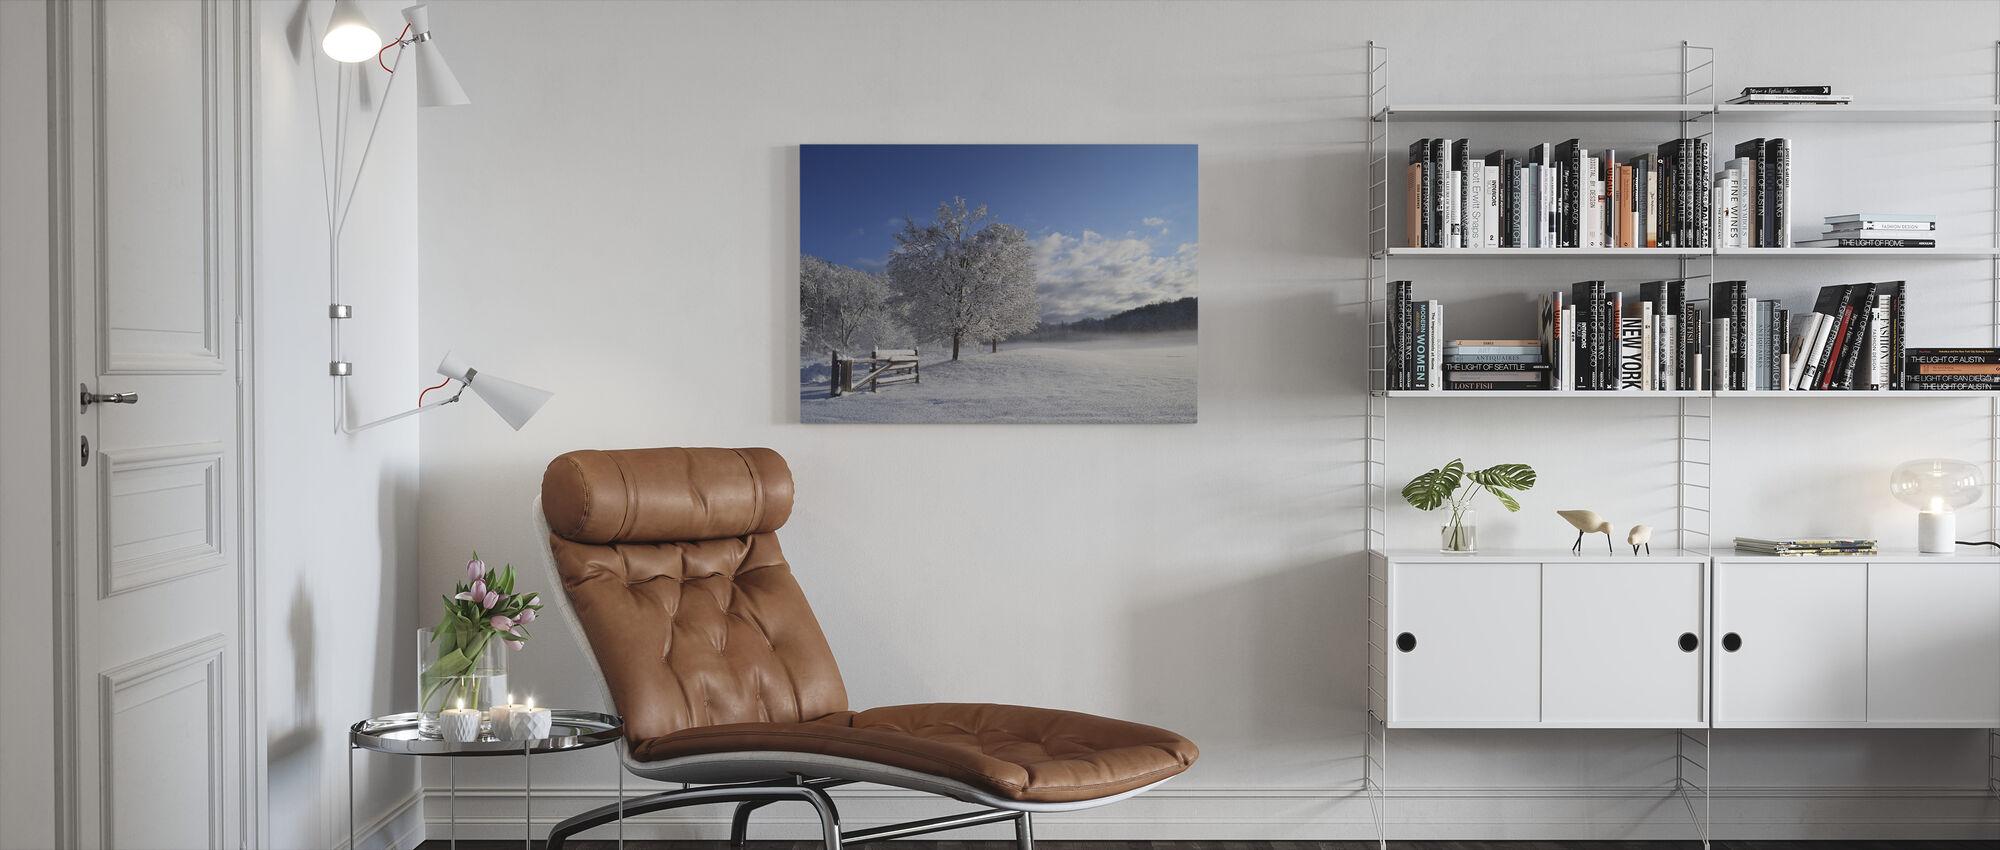 Schneebedeckter Baum - Leinwandbild - Wohnzimmer